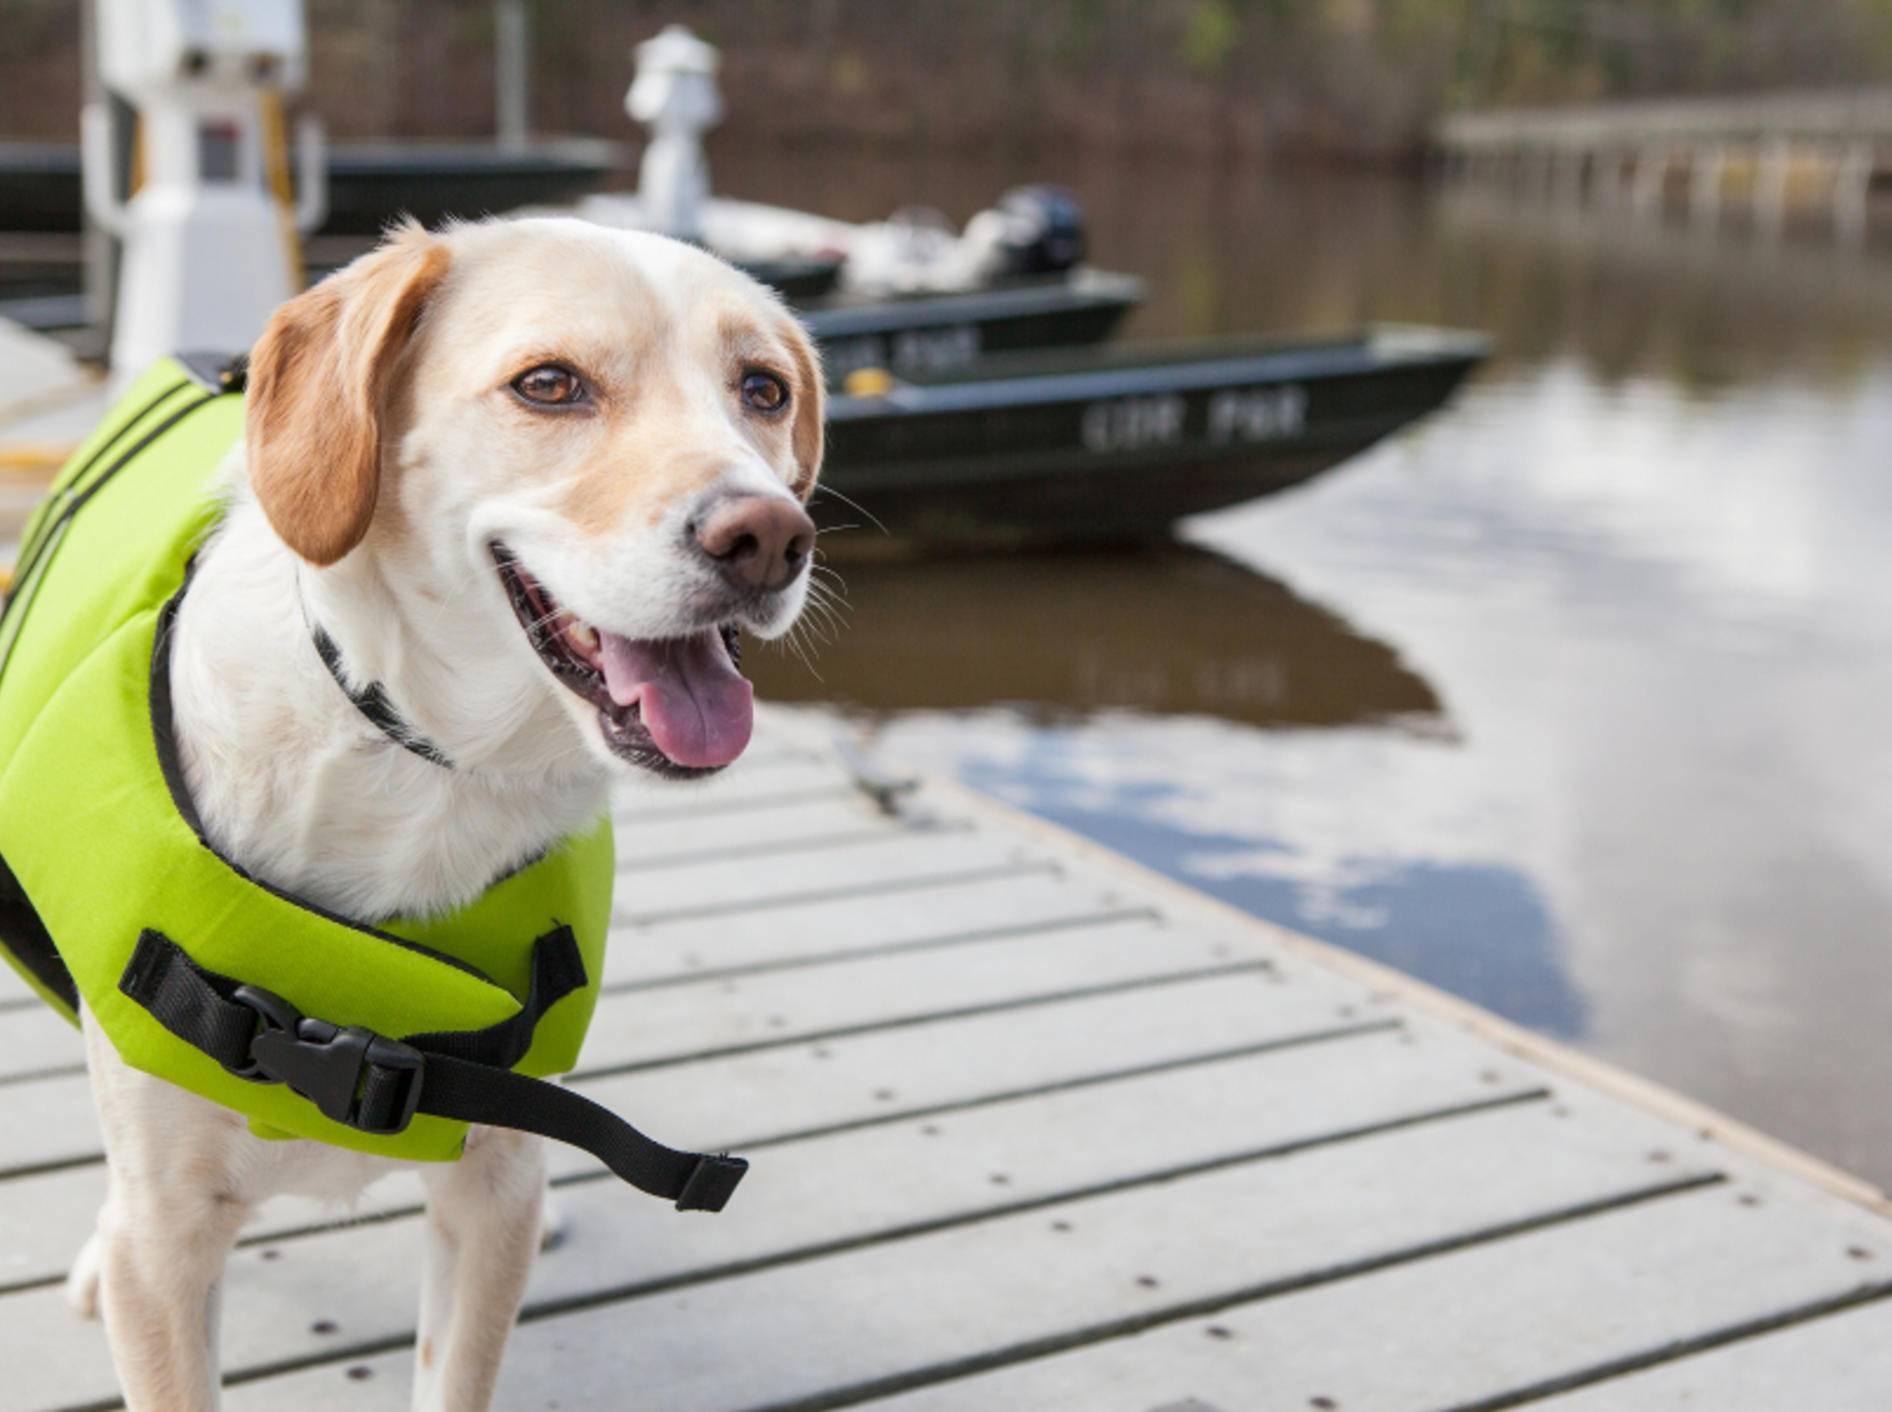 Sicher ist sicher: Hund mit Schwimmweste – Shutterstock / InBetweentheBlinks